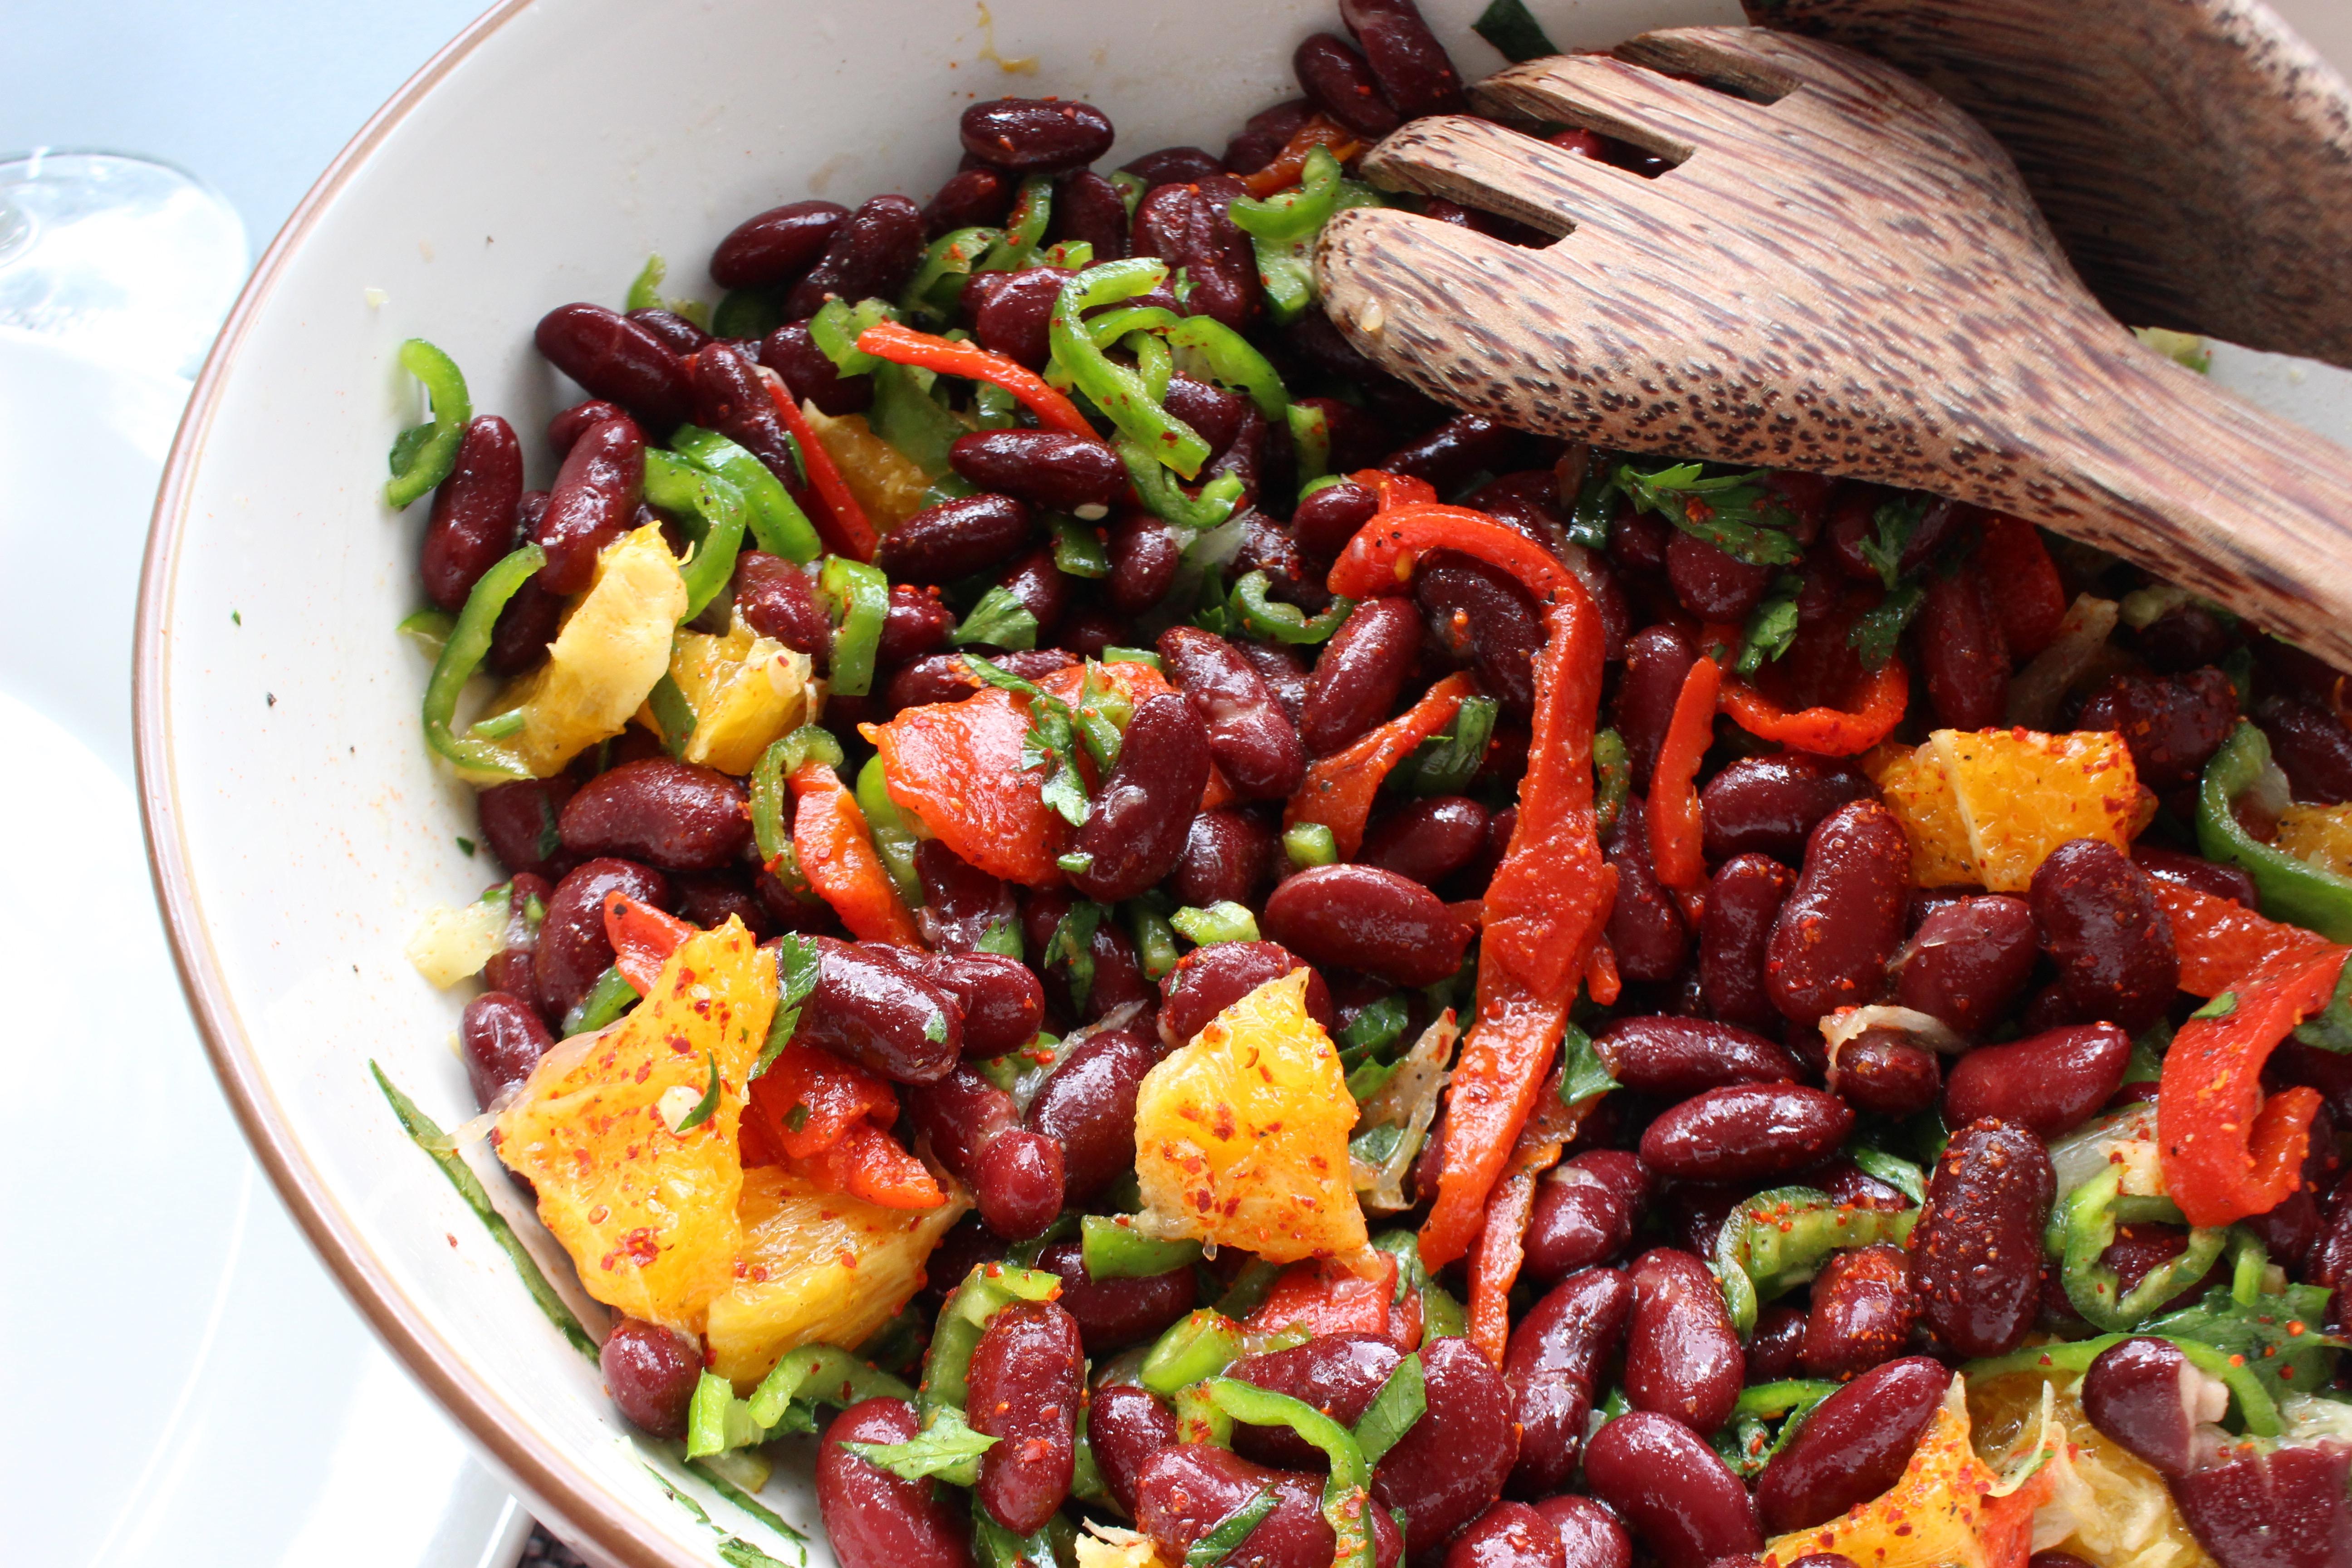 Salade de haricots rouges, piments verts et orange